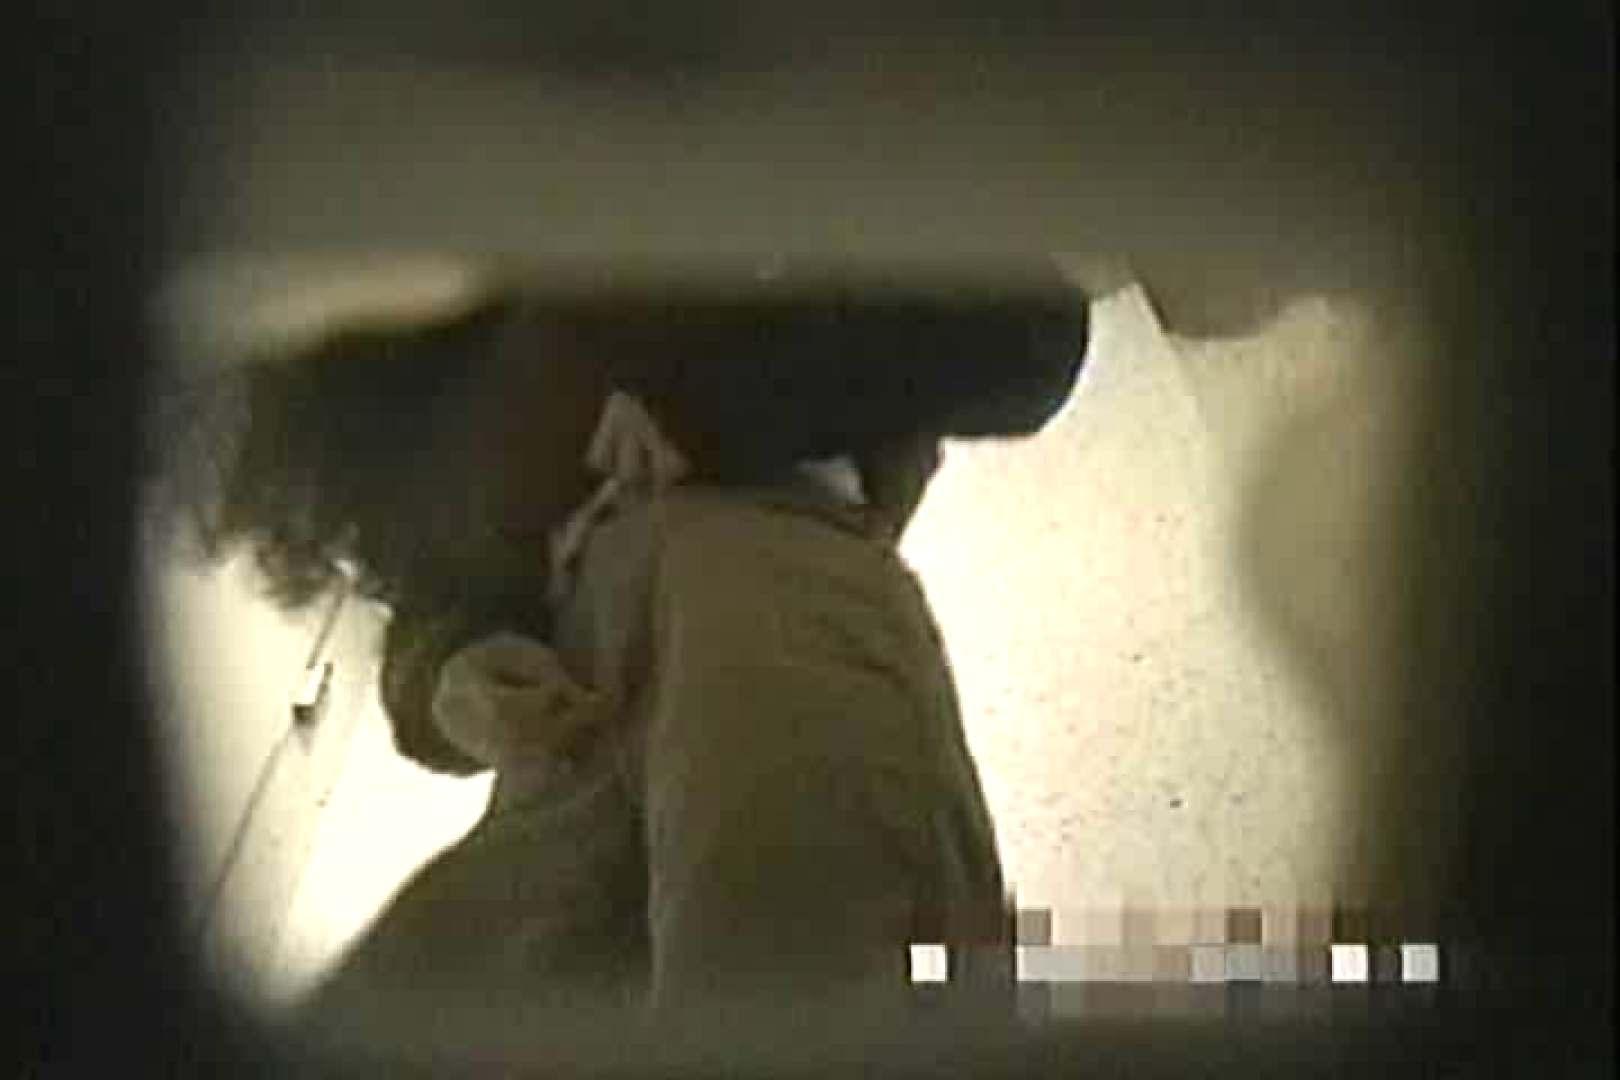 女子洗面所盗撮 今度の2カメは若い子だらけ  TK-127 おまんこ  76枚 45